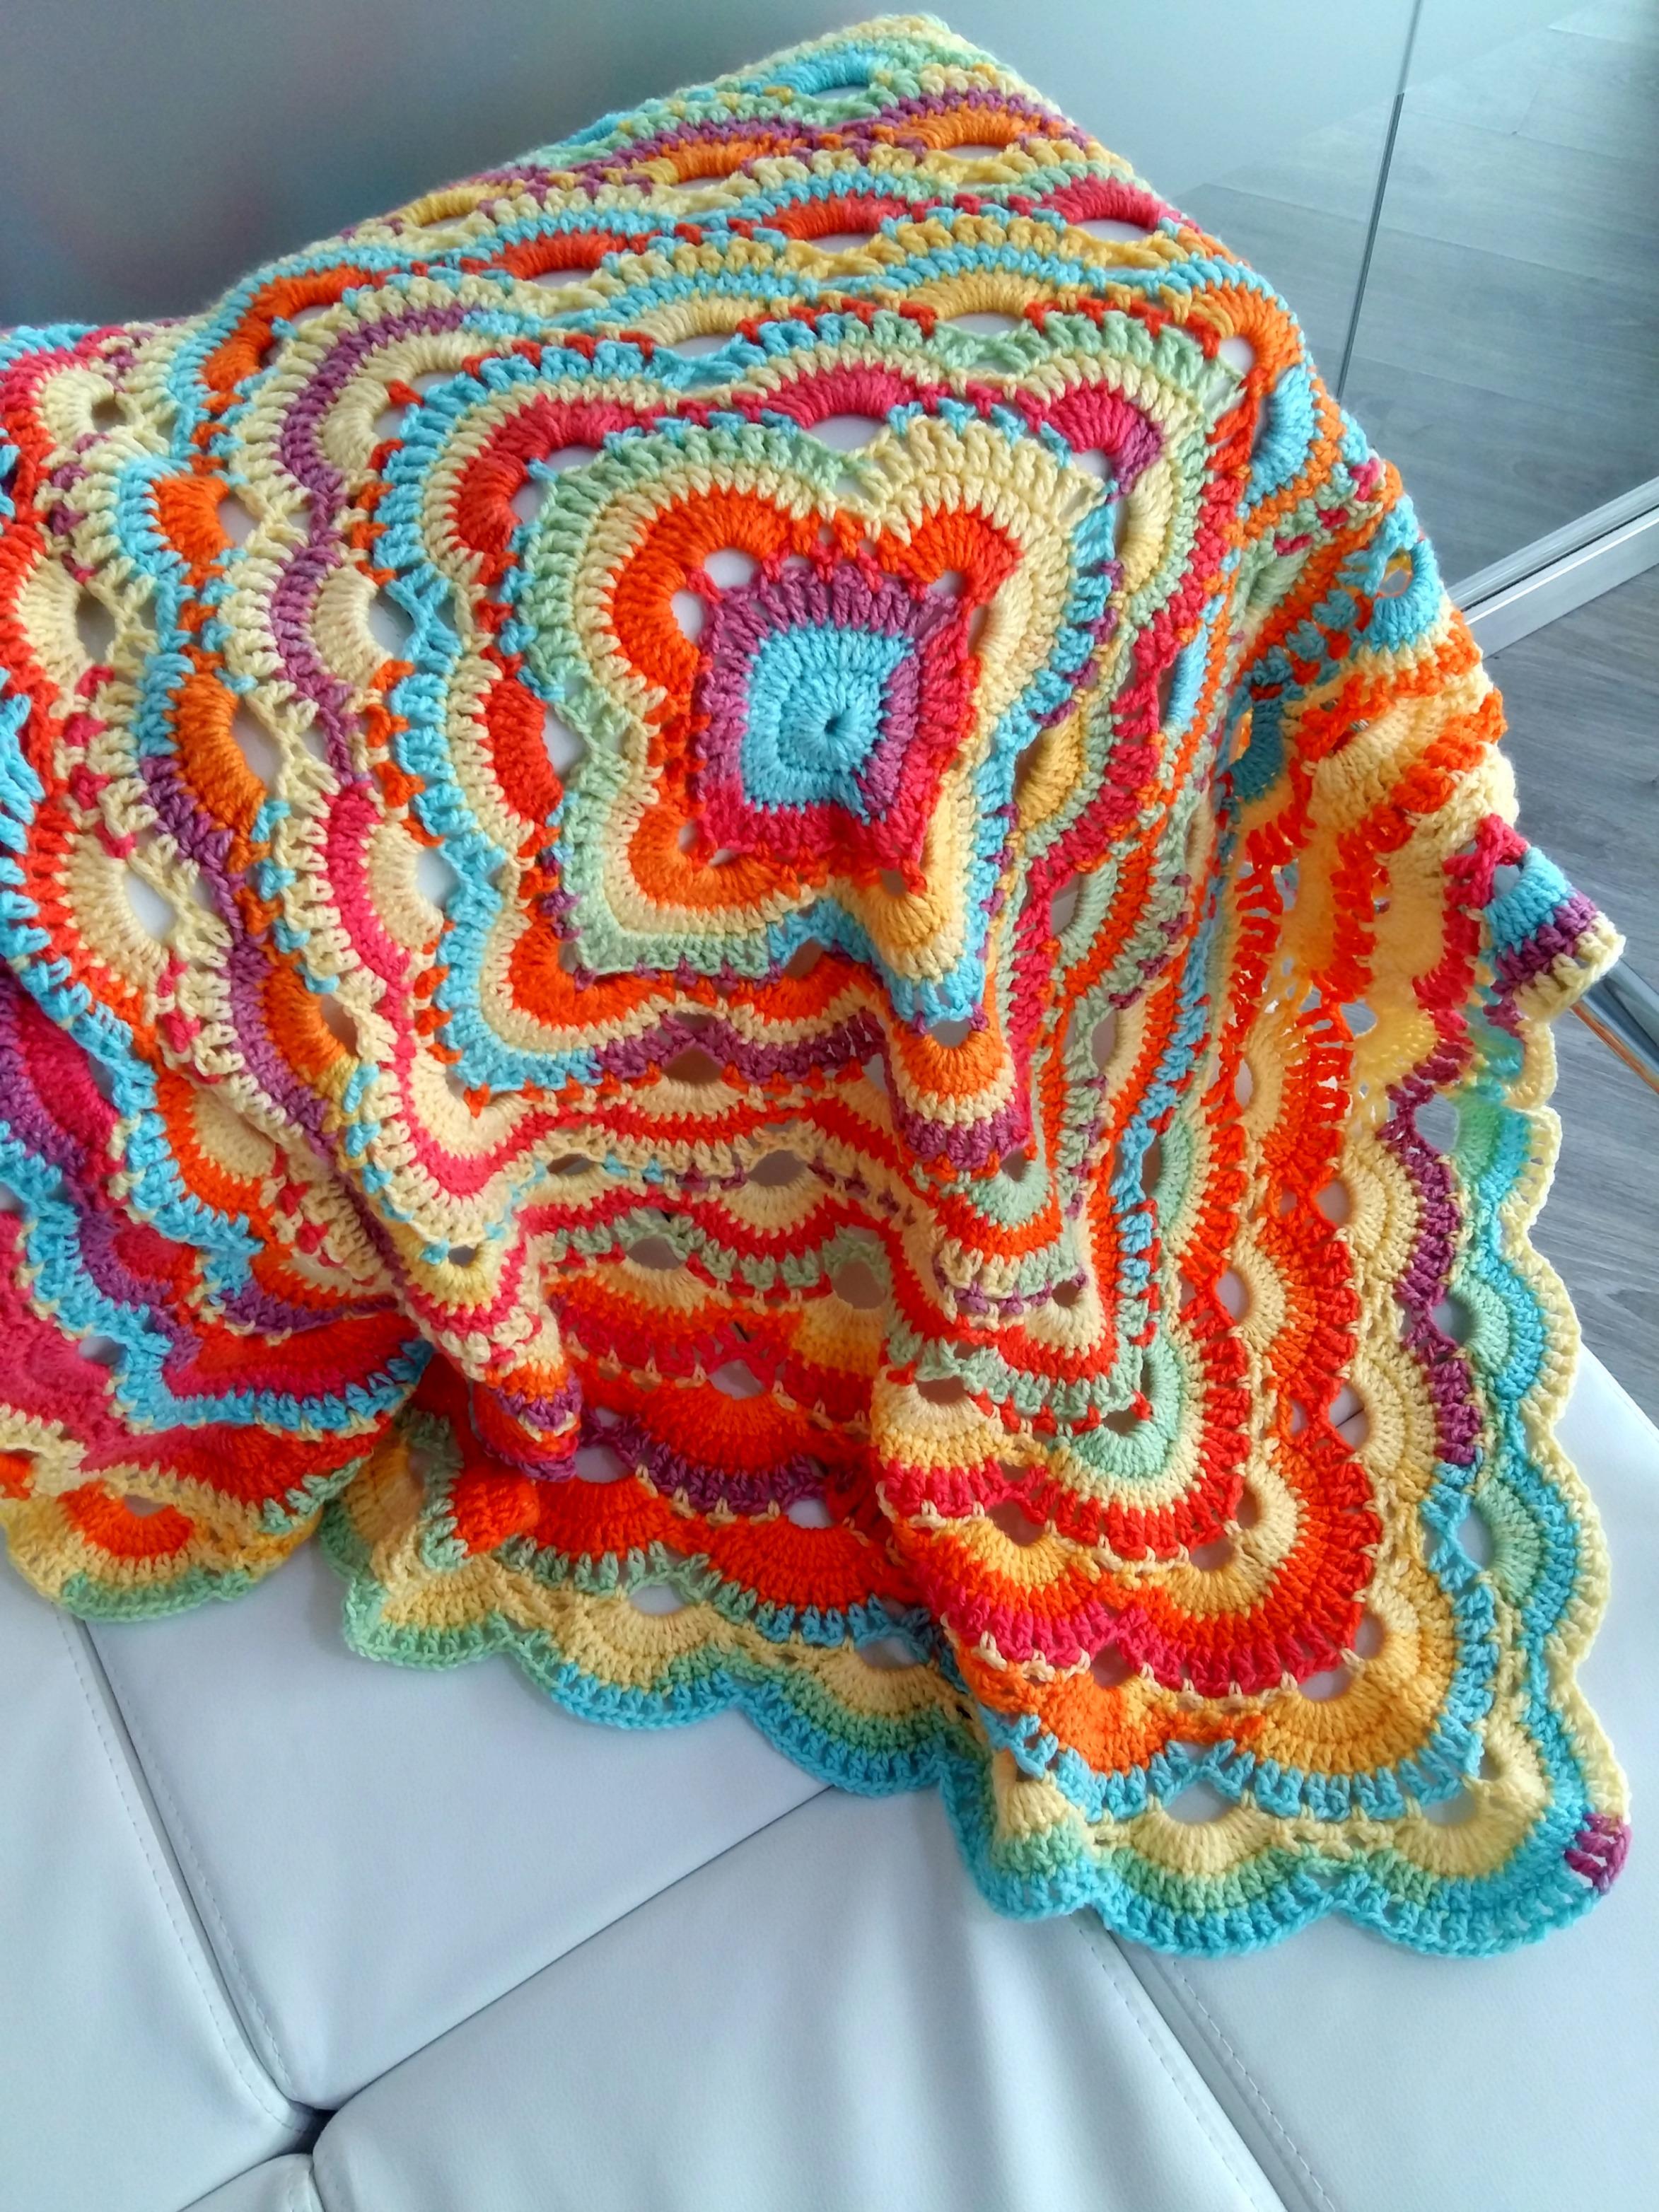 image regarding Virus Blanket Pattern Free Printable named Crochet Virus Blanket Ss Bobbles